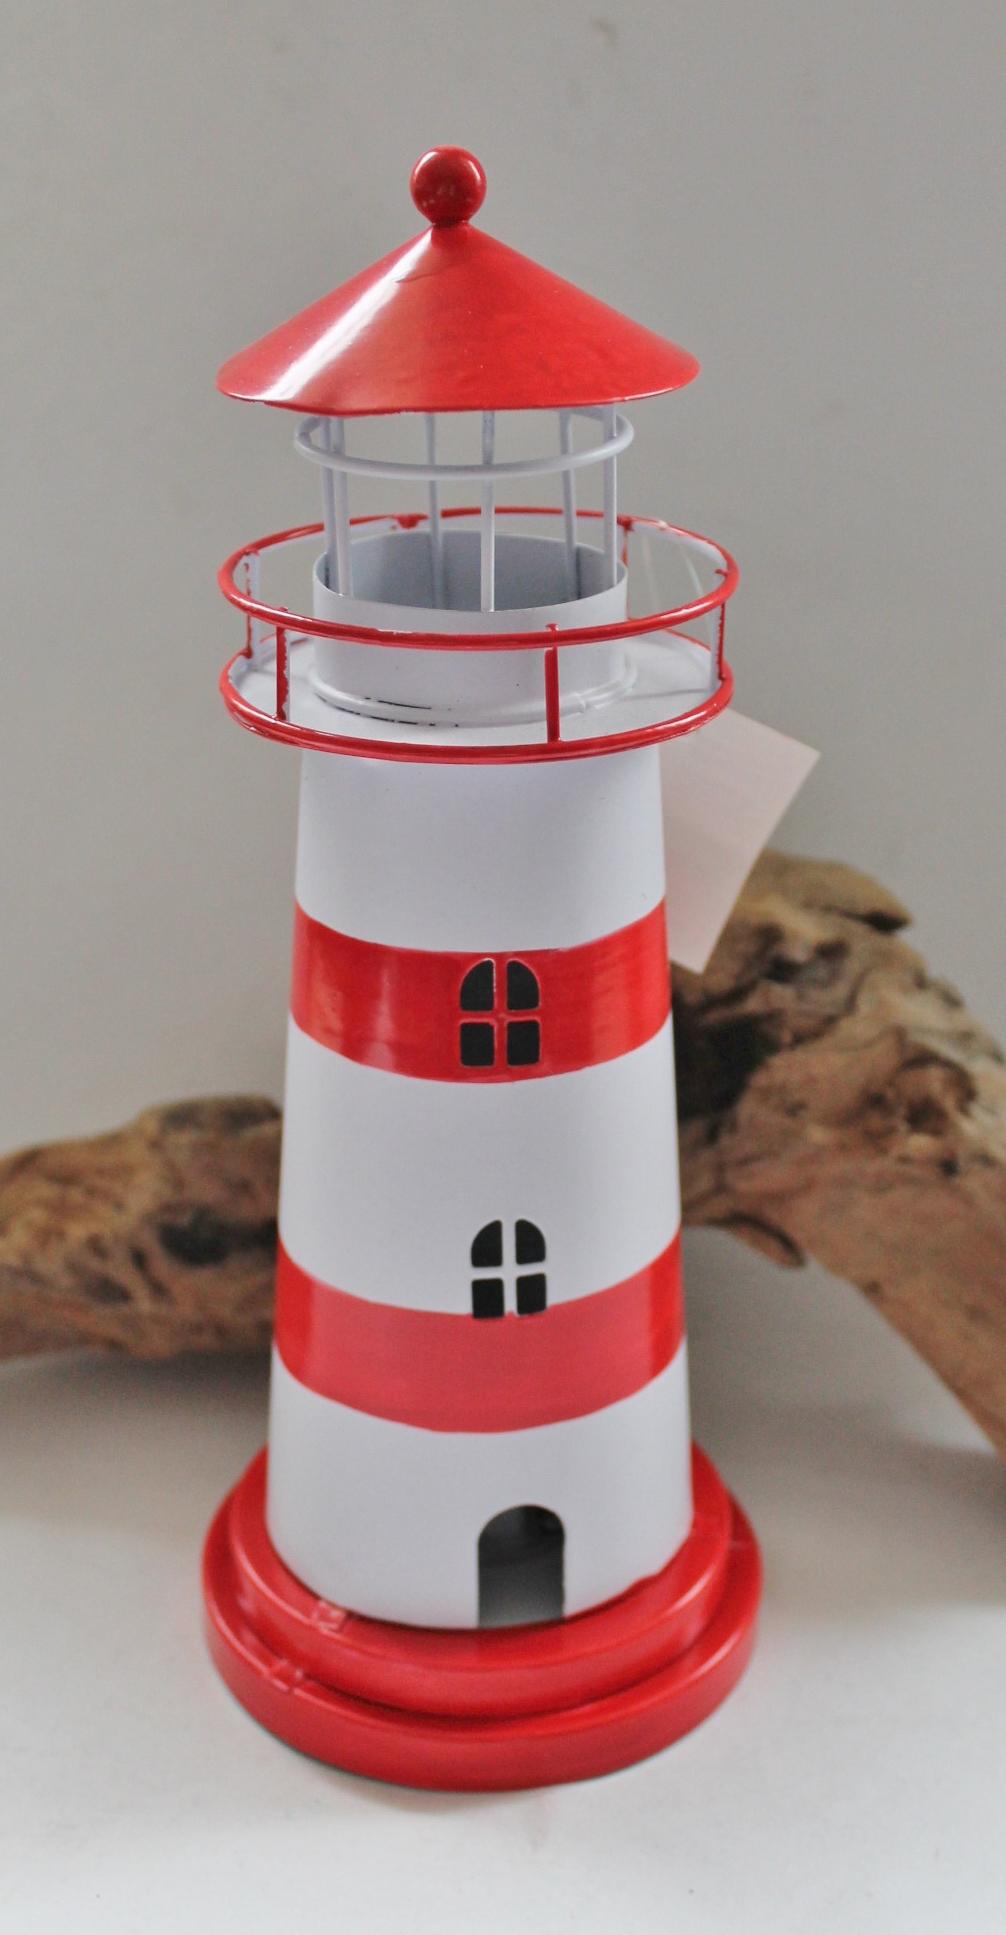 Deko metall leuchtturm ca 23 x 9 cm maritime deko for Deko metall